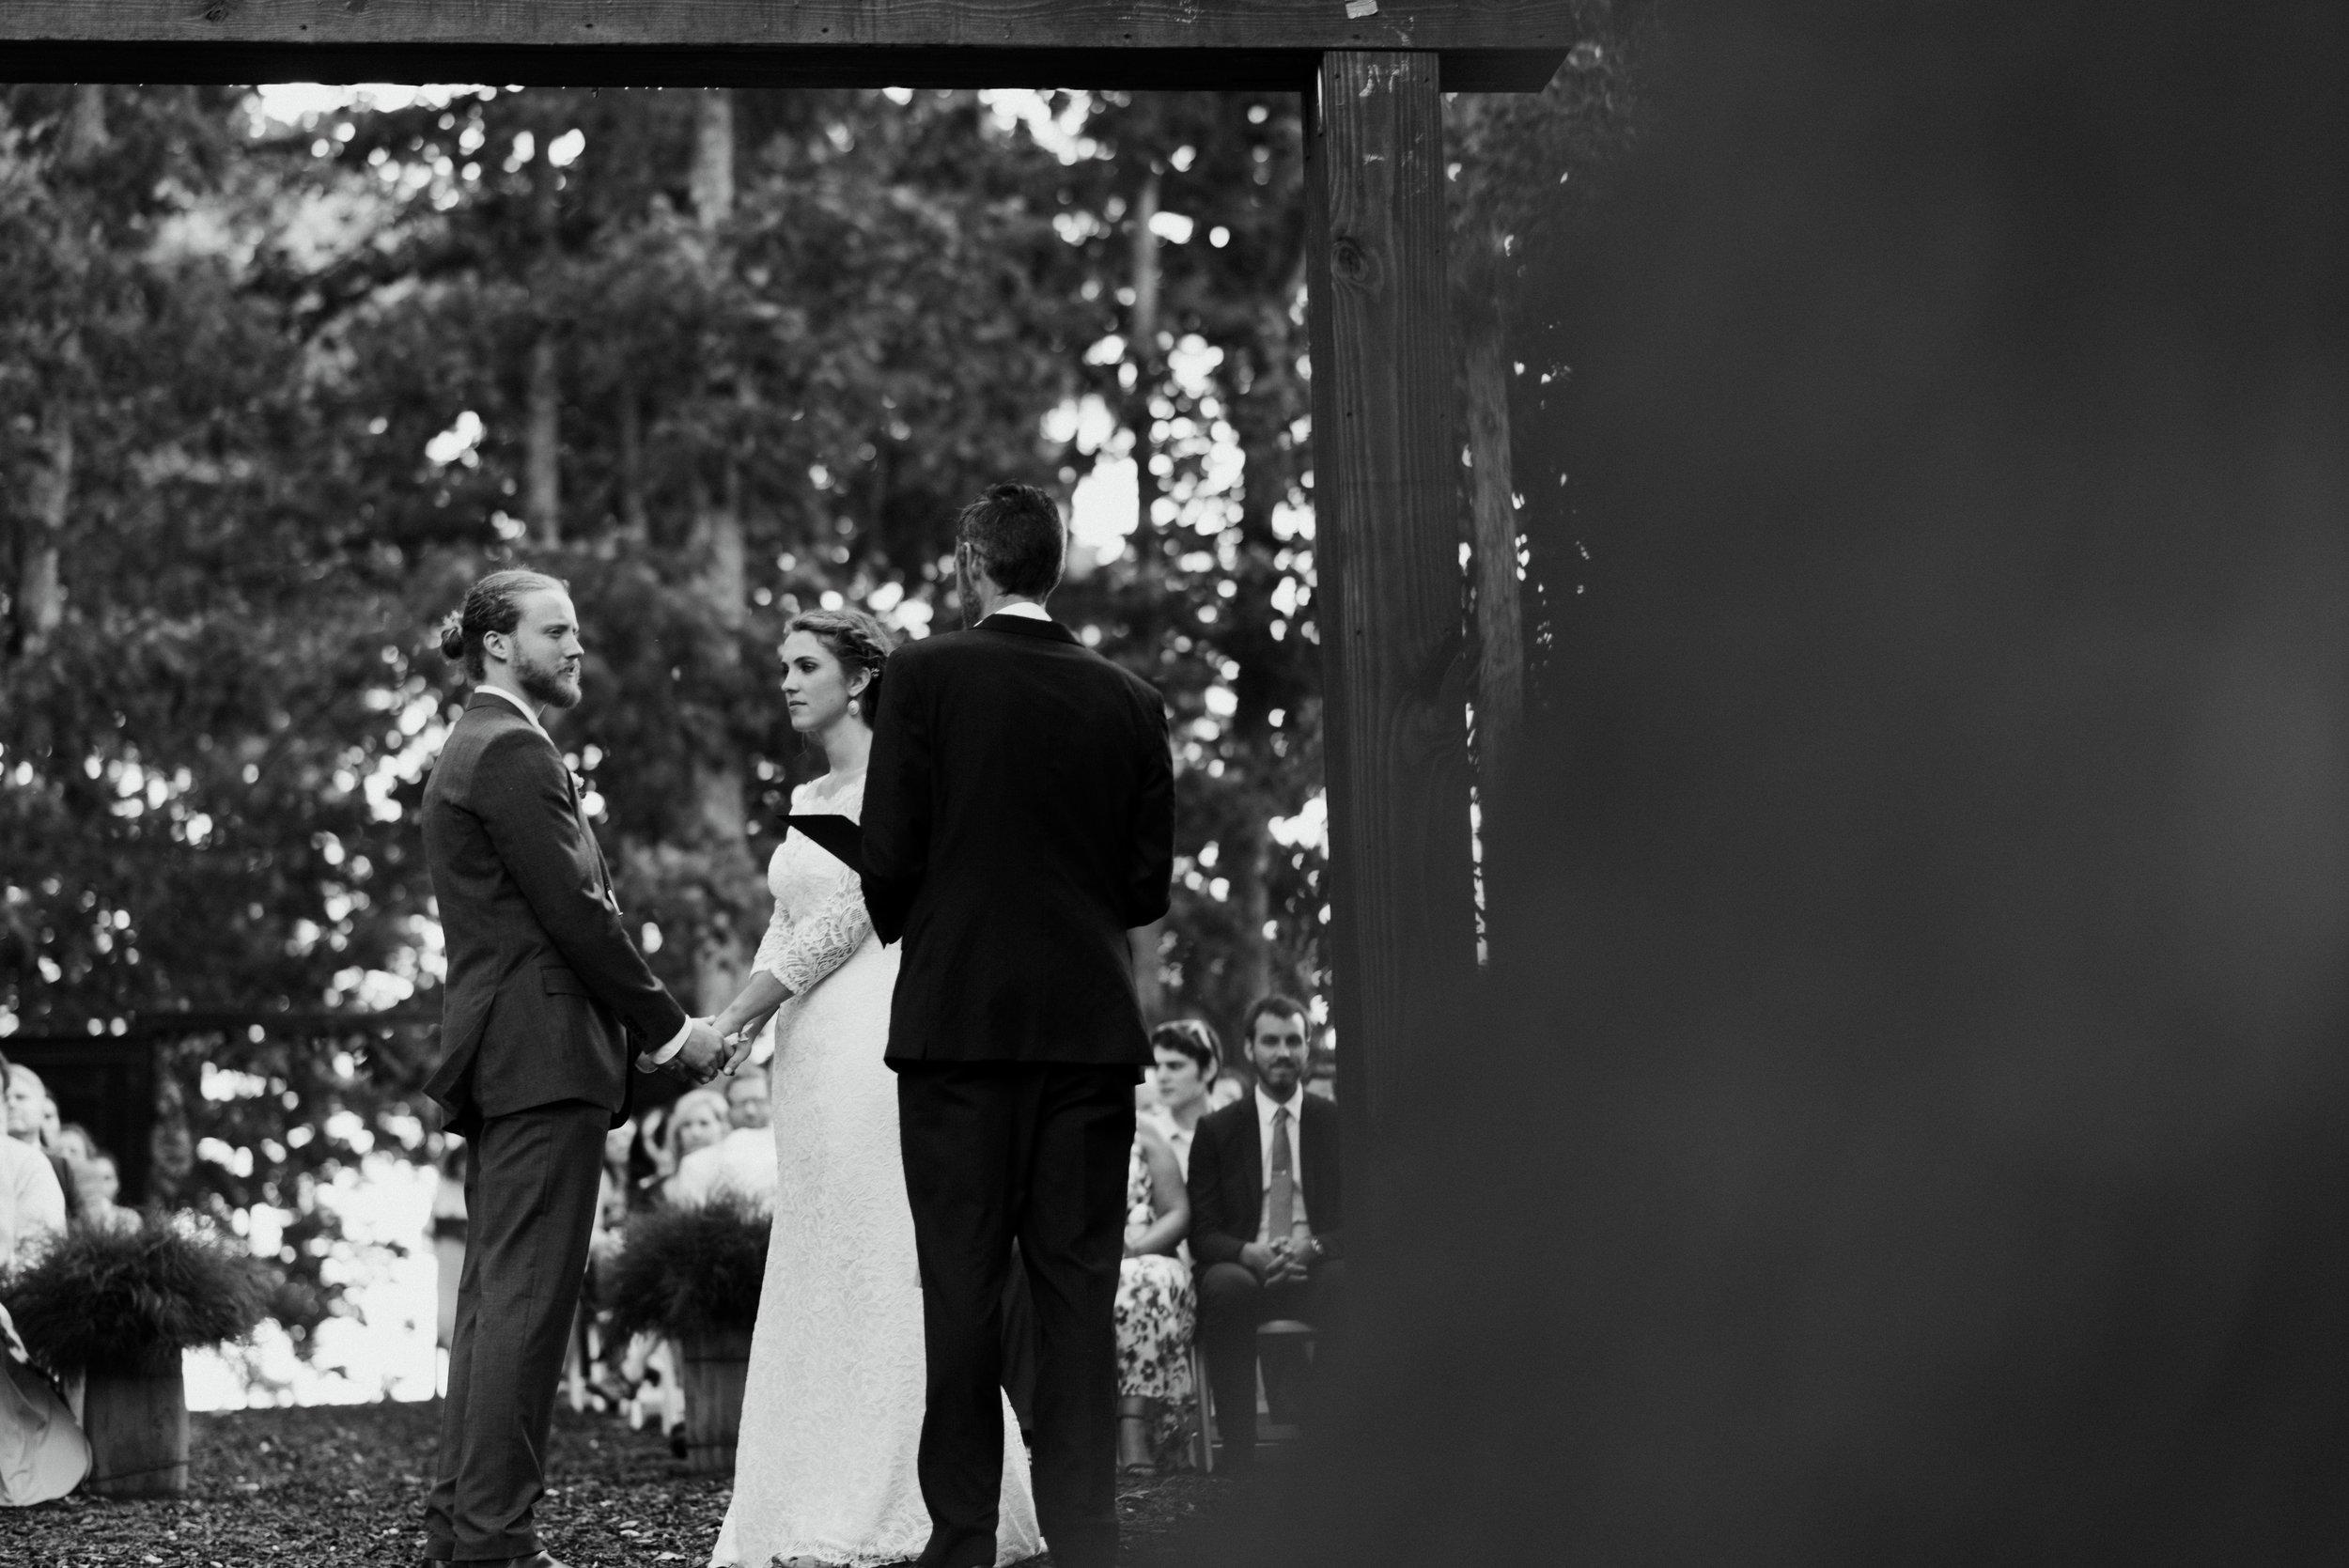 raleigh-elopement-photographer-raleigh-durham-wedding-maddie-and-devin- (110 of 162).jpg